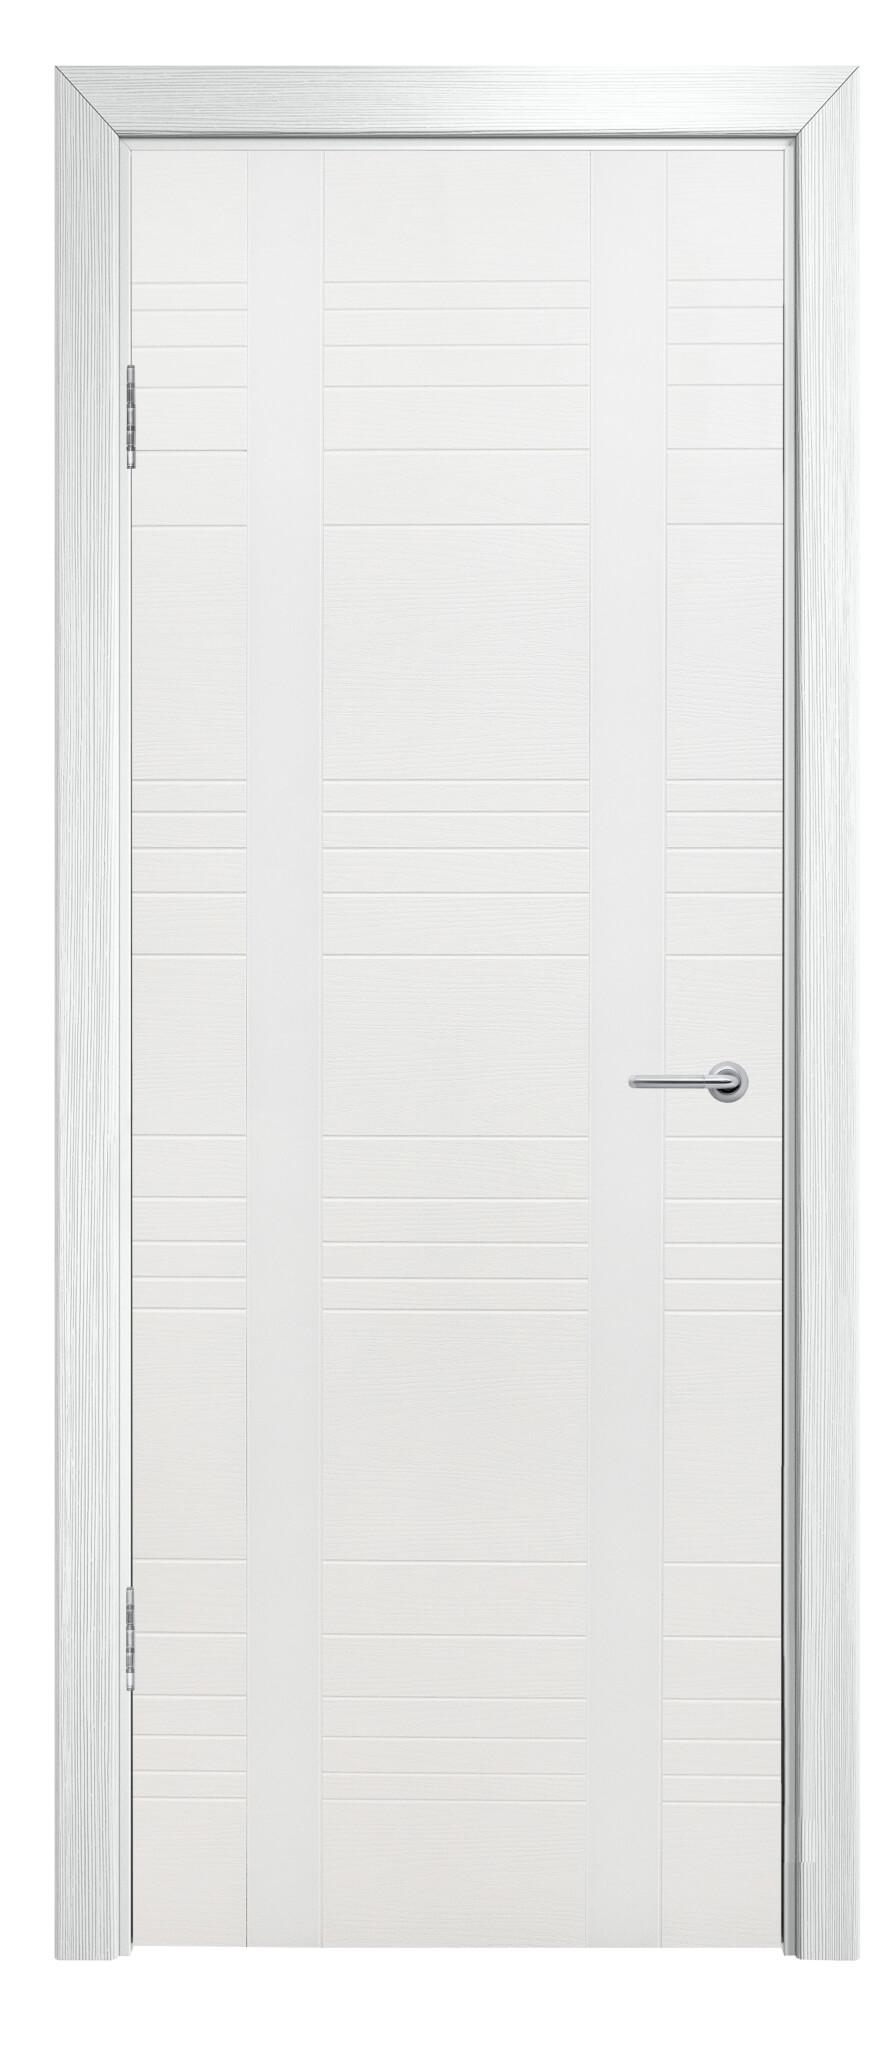 kupit dver-modern-2